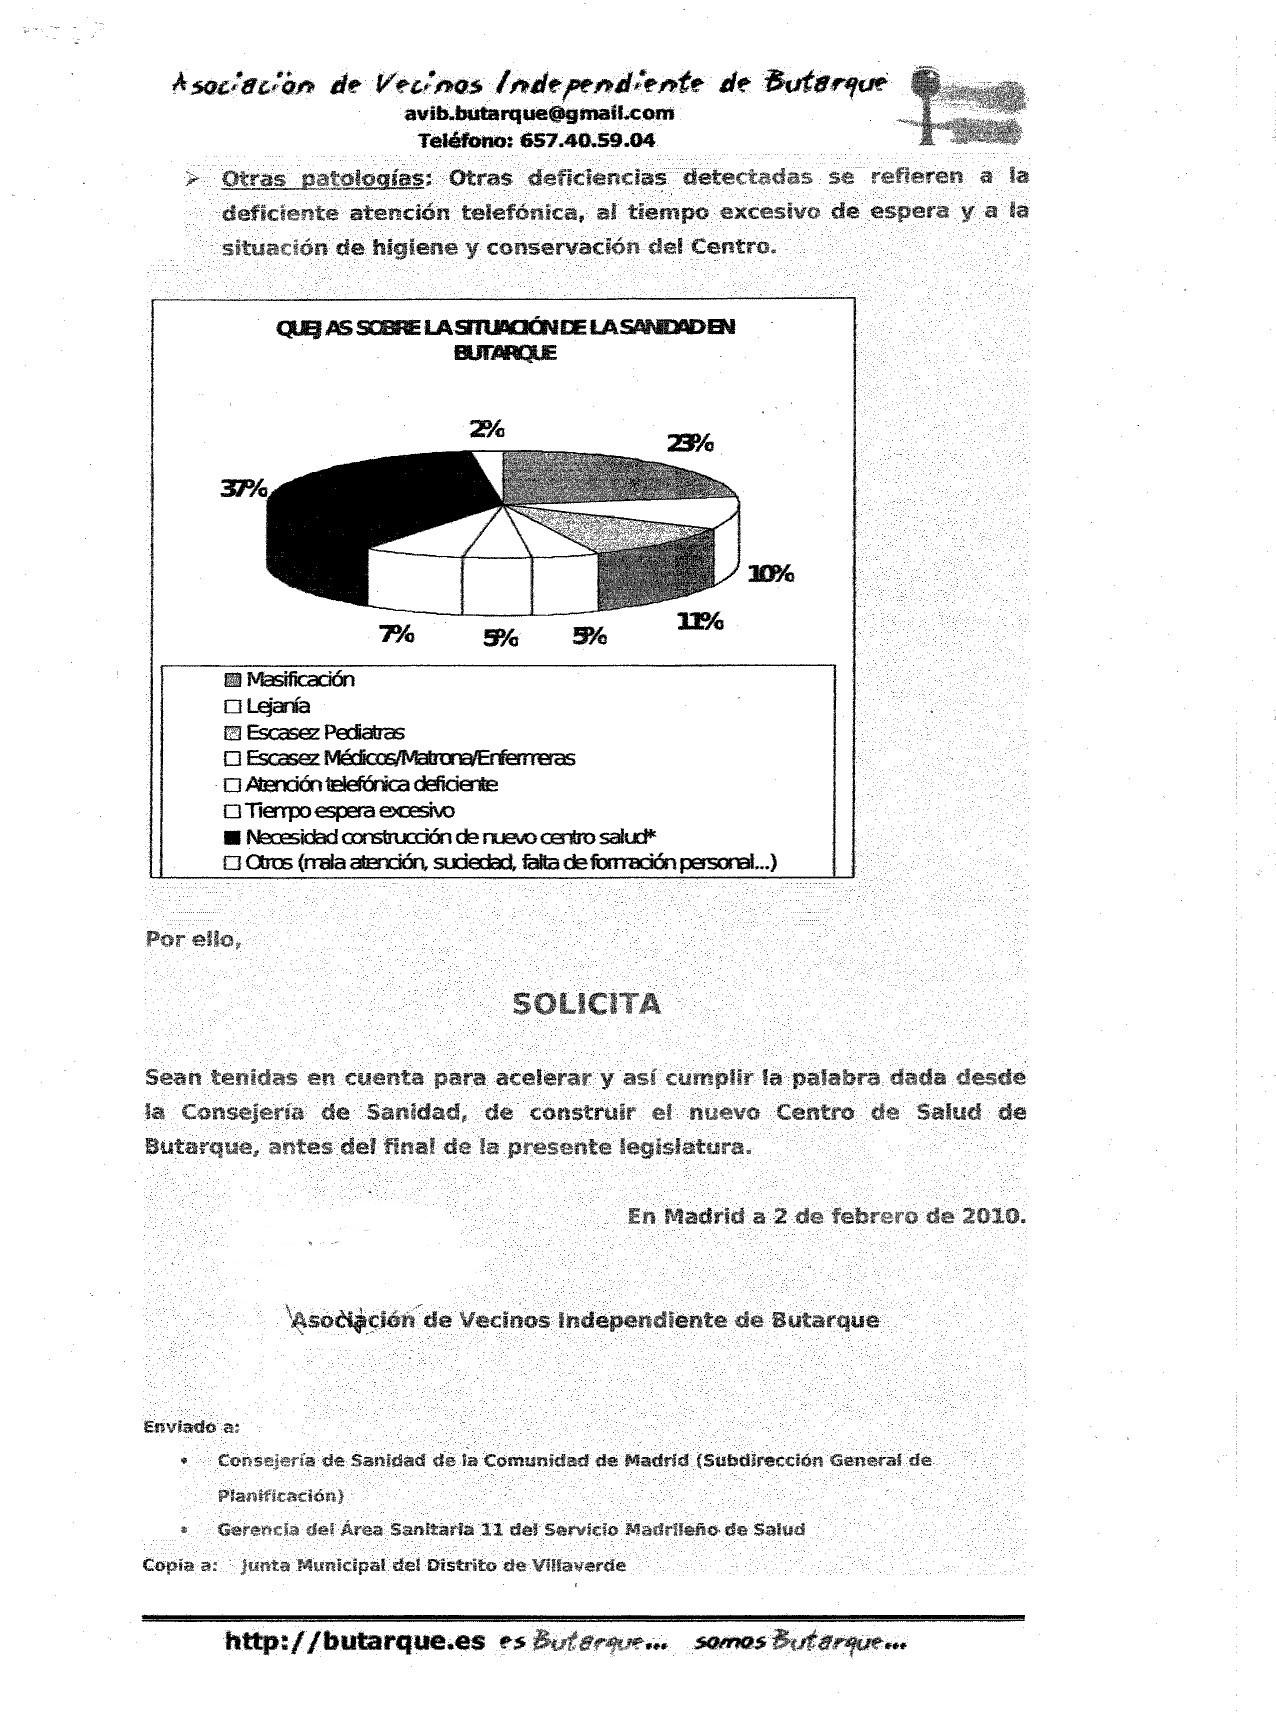 500_quejas_cs_los_rosales-1.jpg